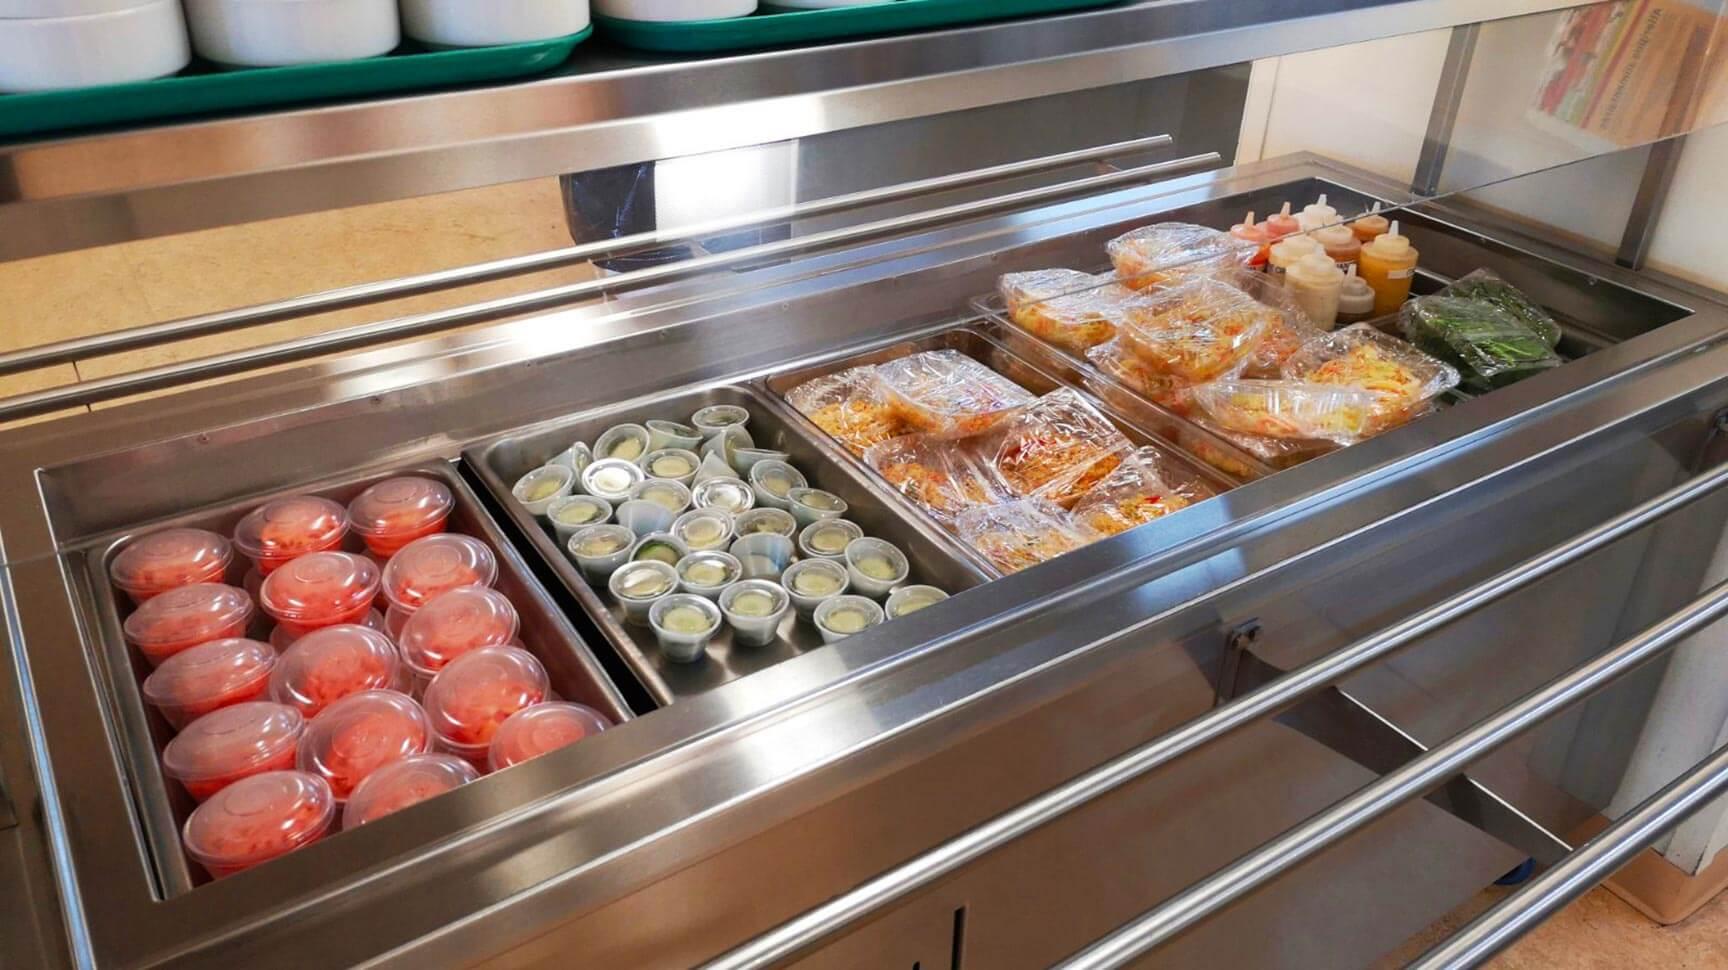 Repas de la cafétéria emballés individuellement par notre partenaire sodexo afin d'éviter les formulesbuffet.